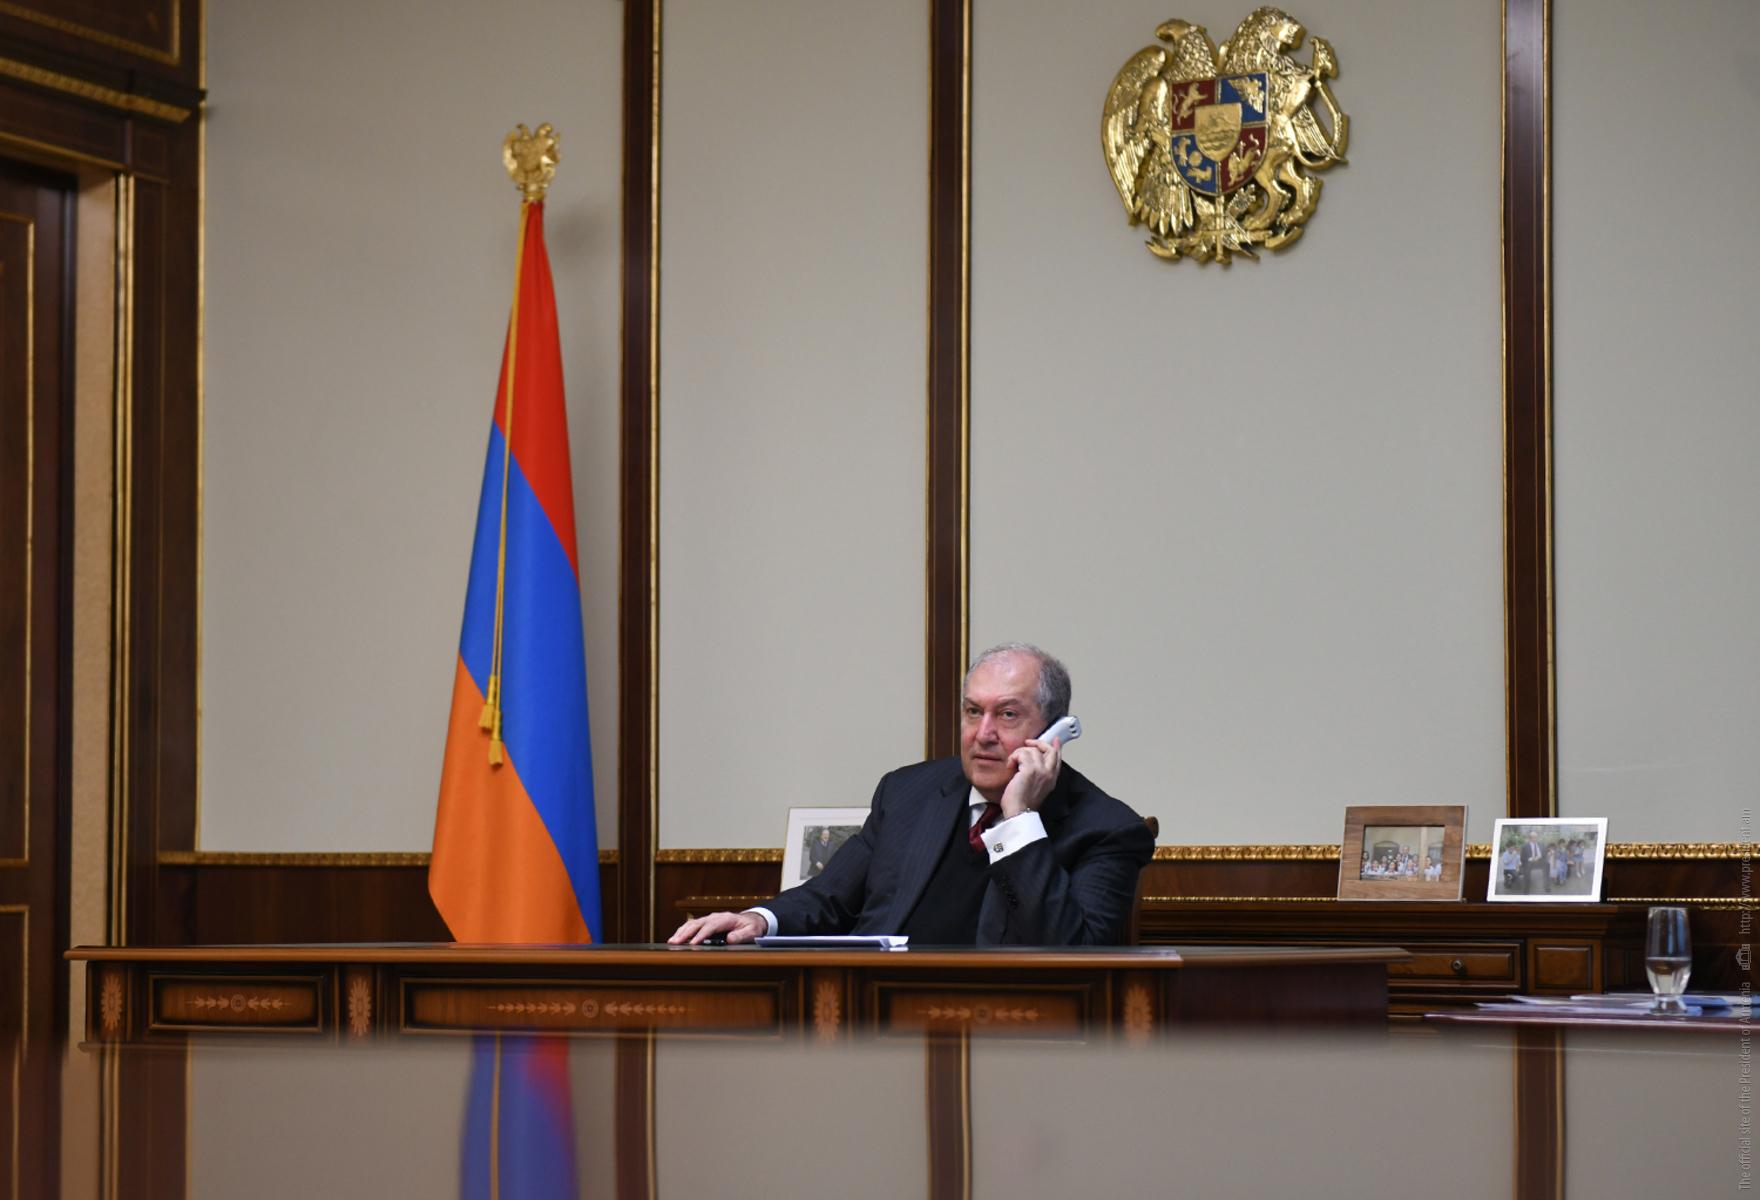 Photo of Նախագահ Սարգսյանը հեռախոսազրույց է ունեցել ԲԴԽ նախագահի հետ